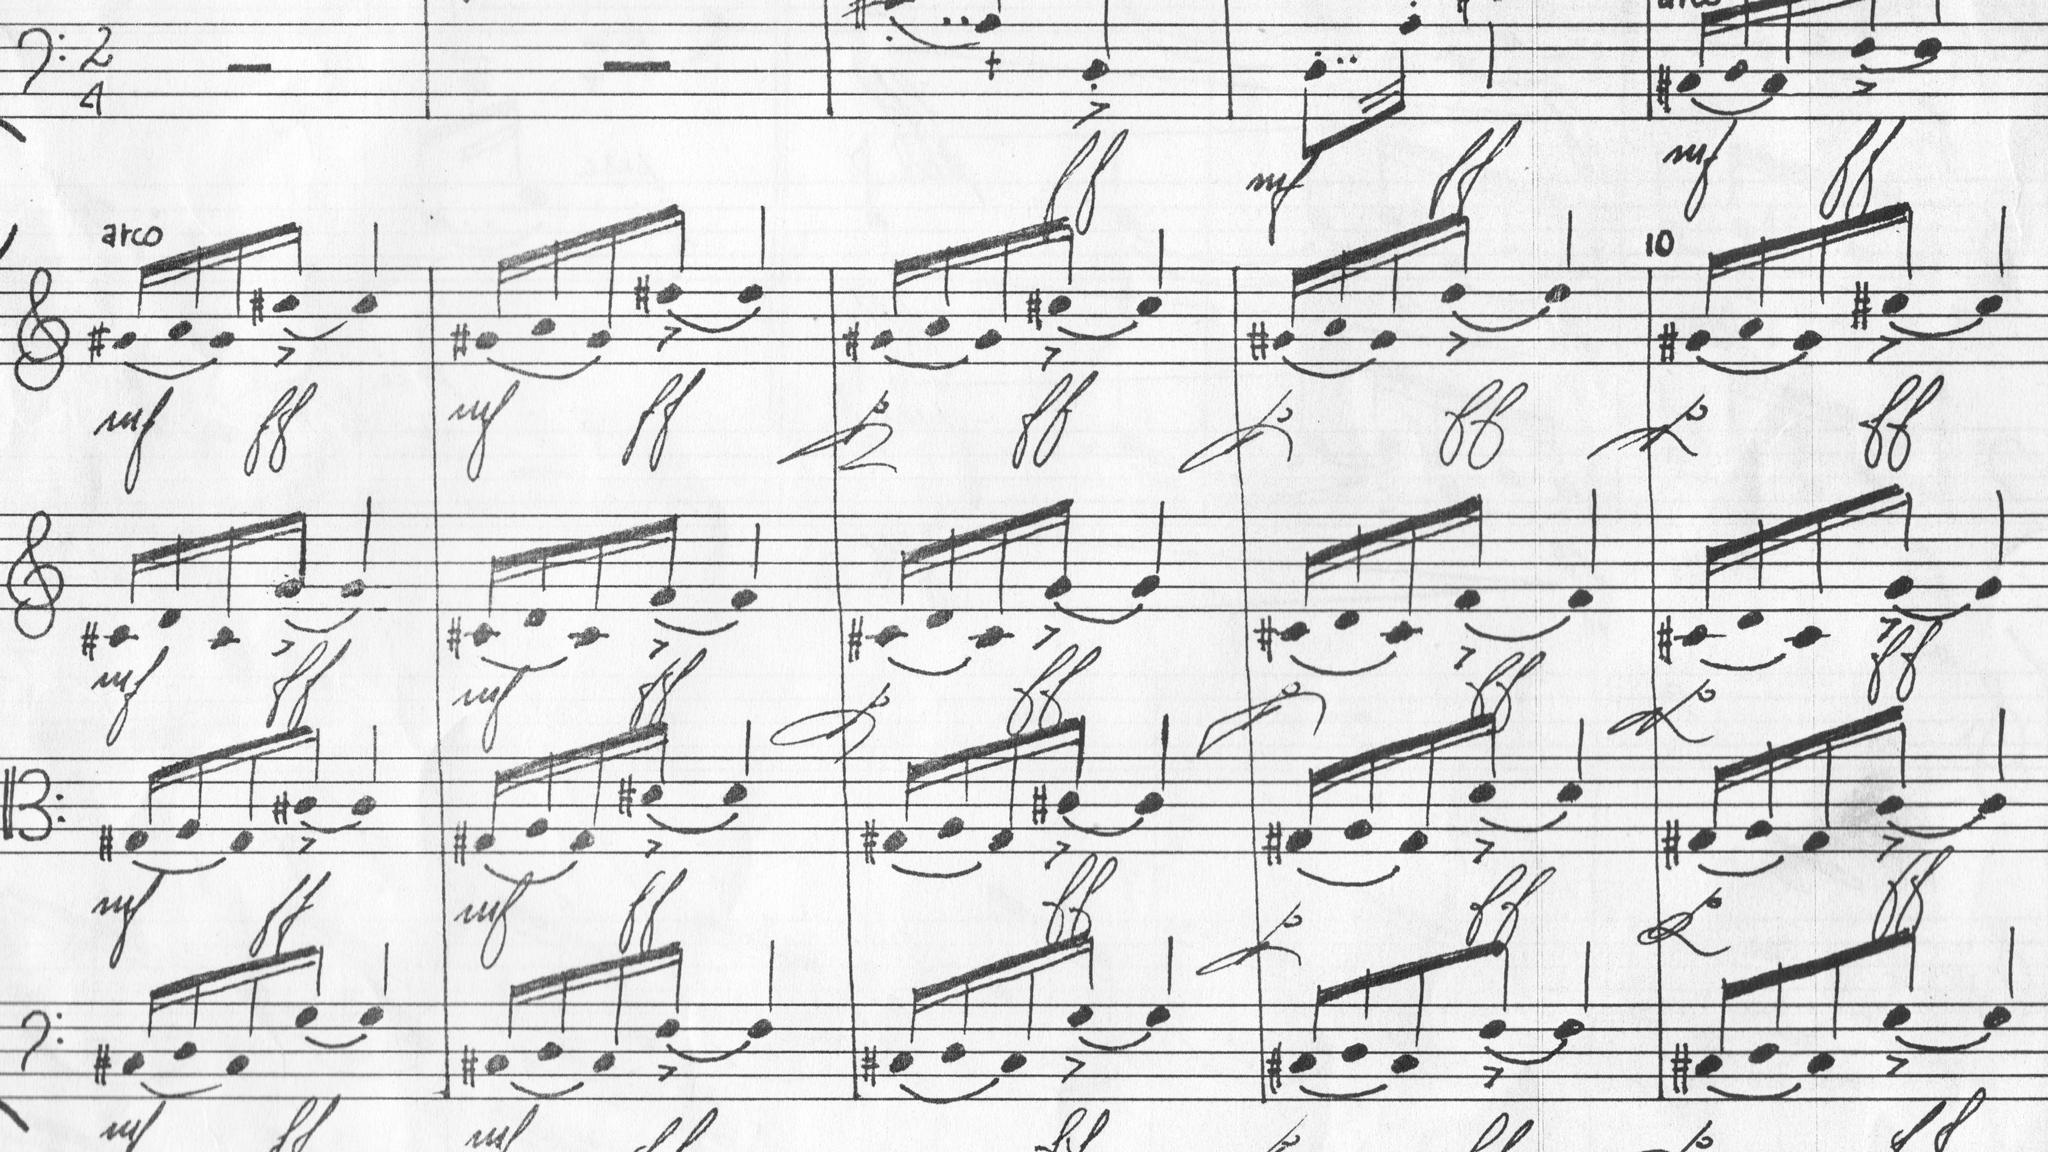 Gioco in 40 battute per quartetto d'archi, 1989